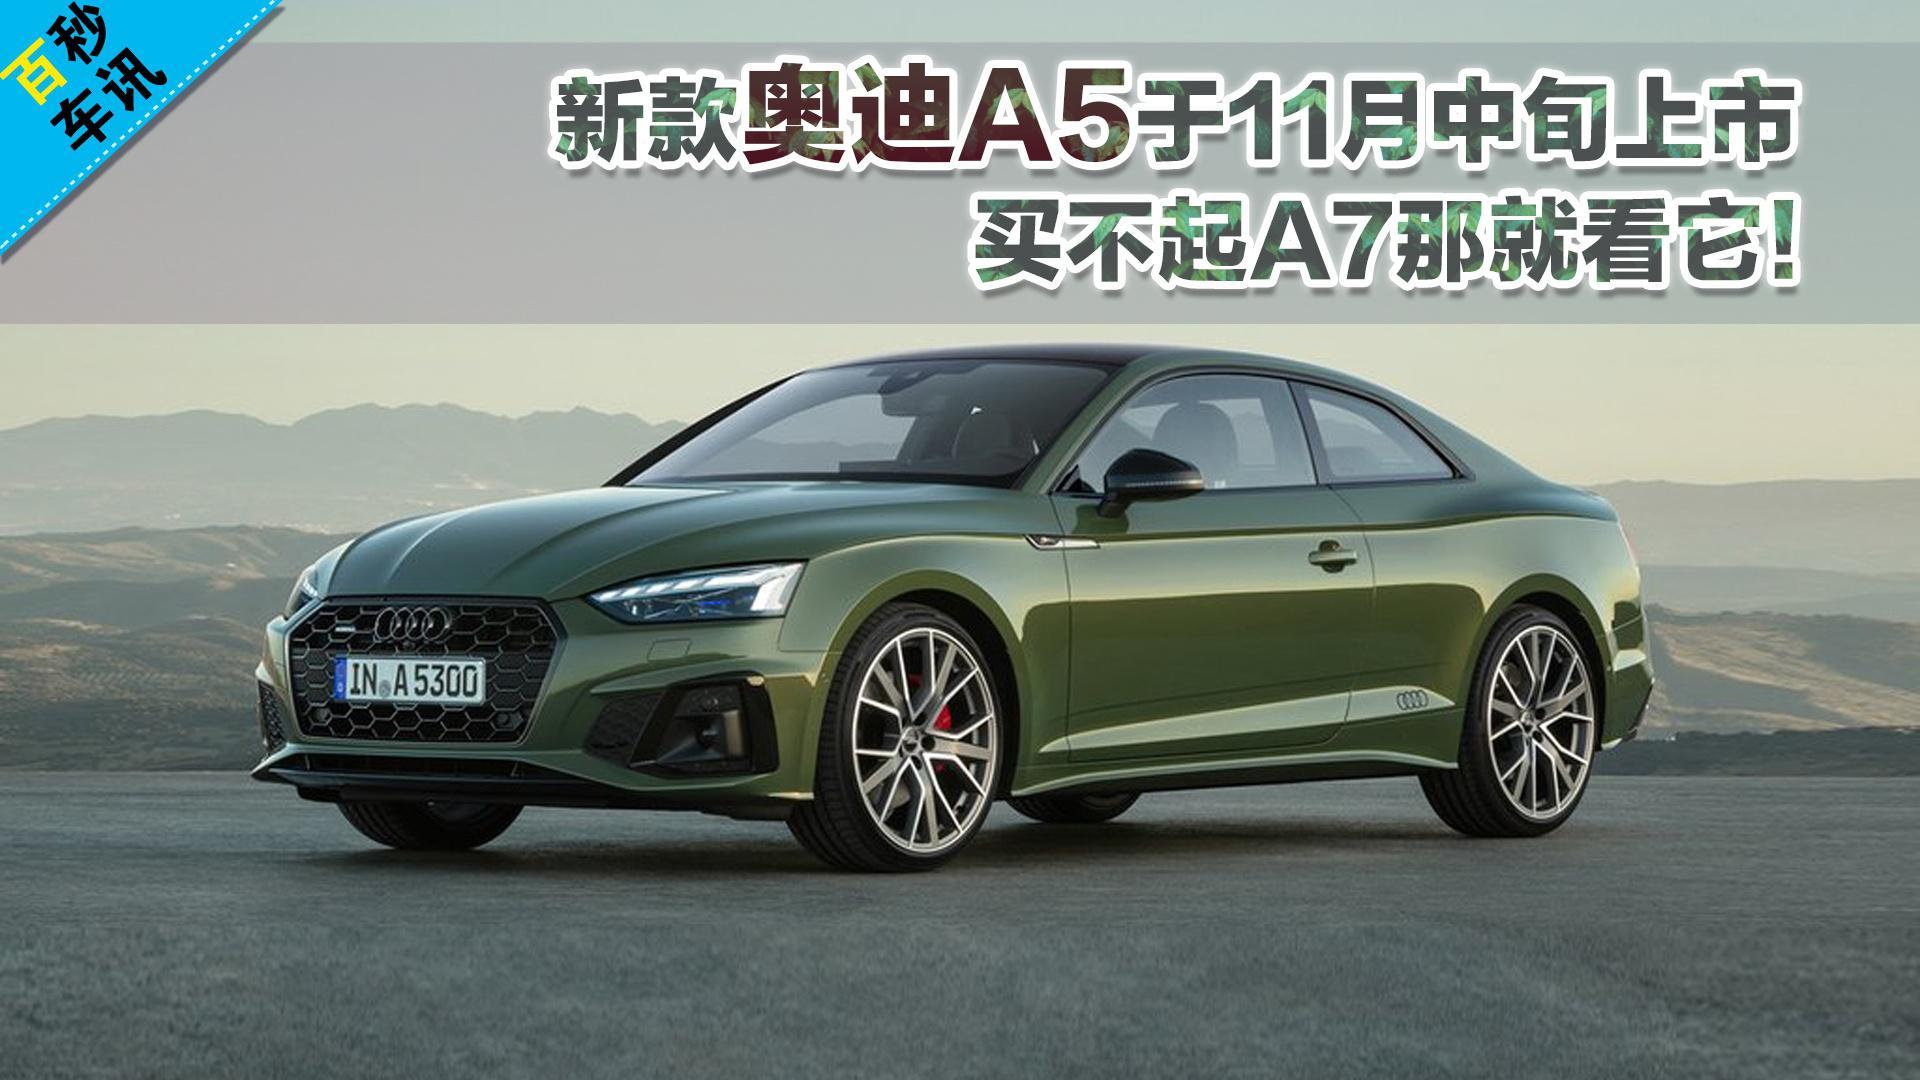 【百秒车讯】新款奥迪A5于11月中旬上市 买不起A7那就看它!